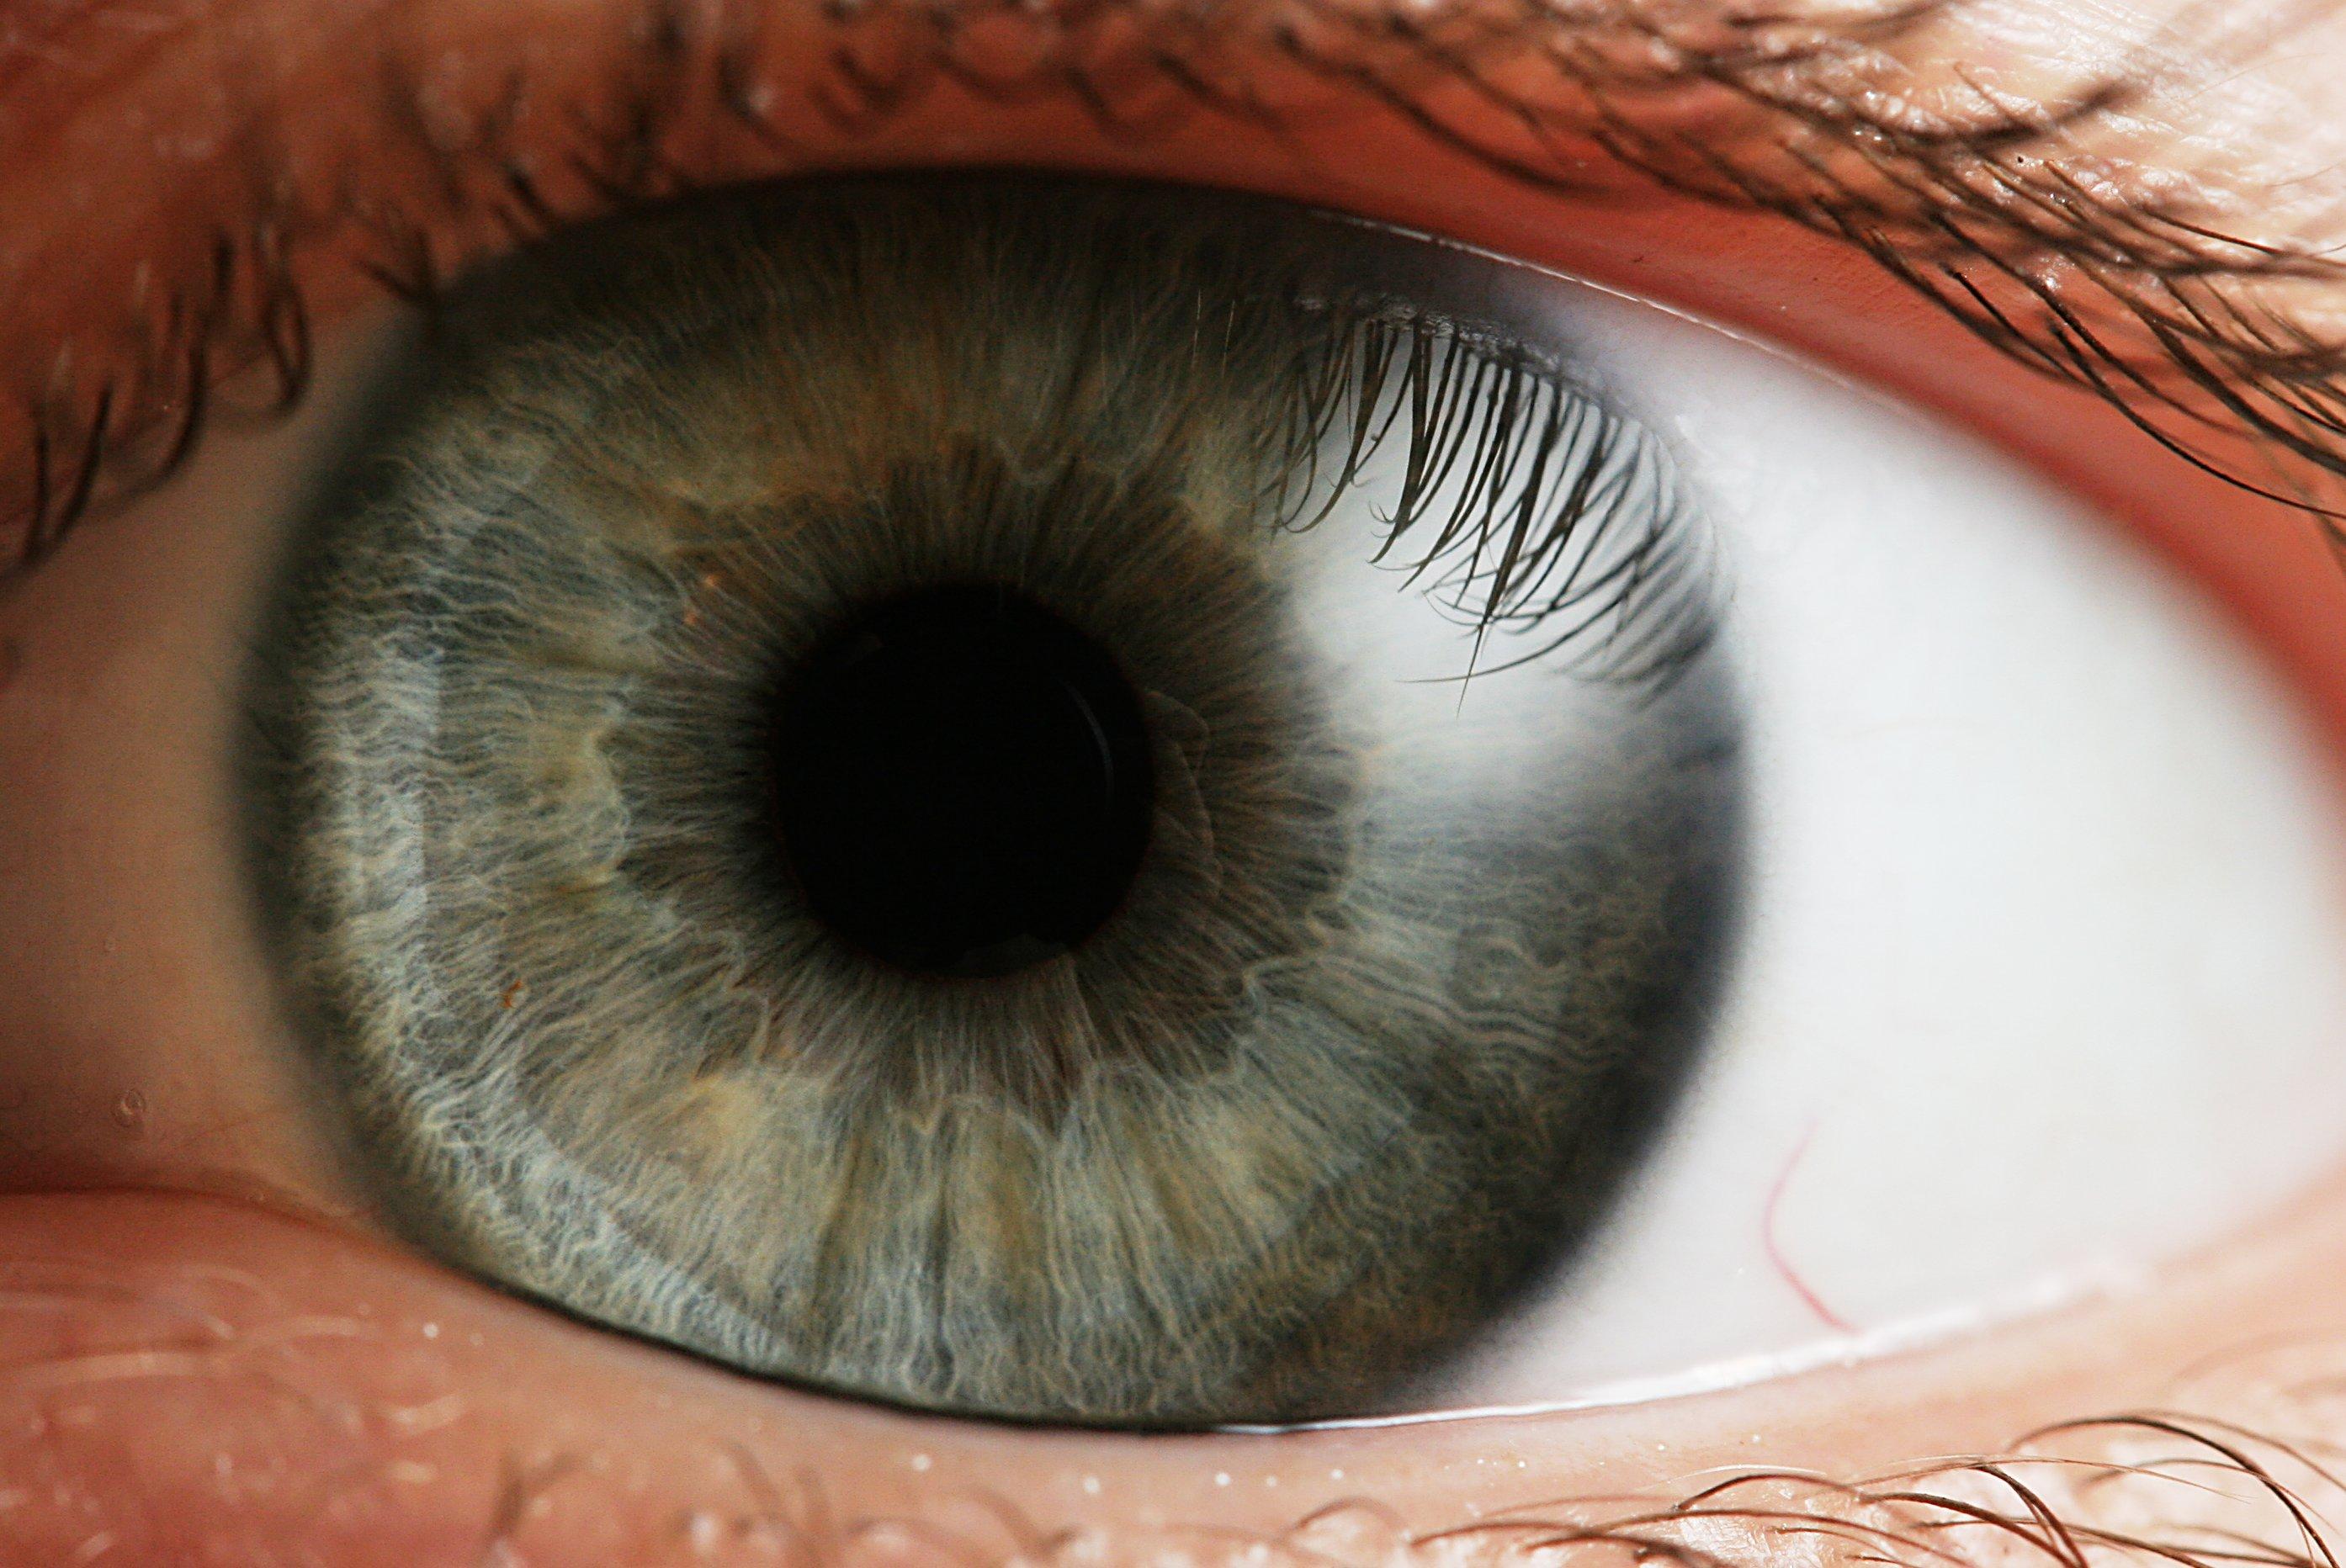 Сляпа жена възстановява зрението си след противоречива терапия със стволови клетки